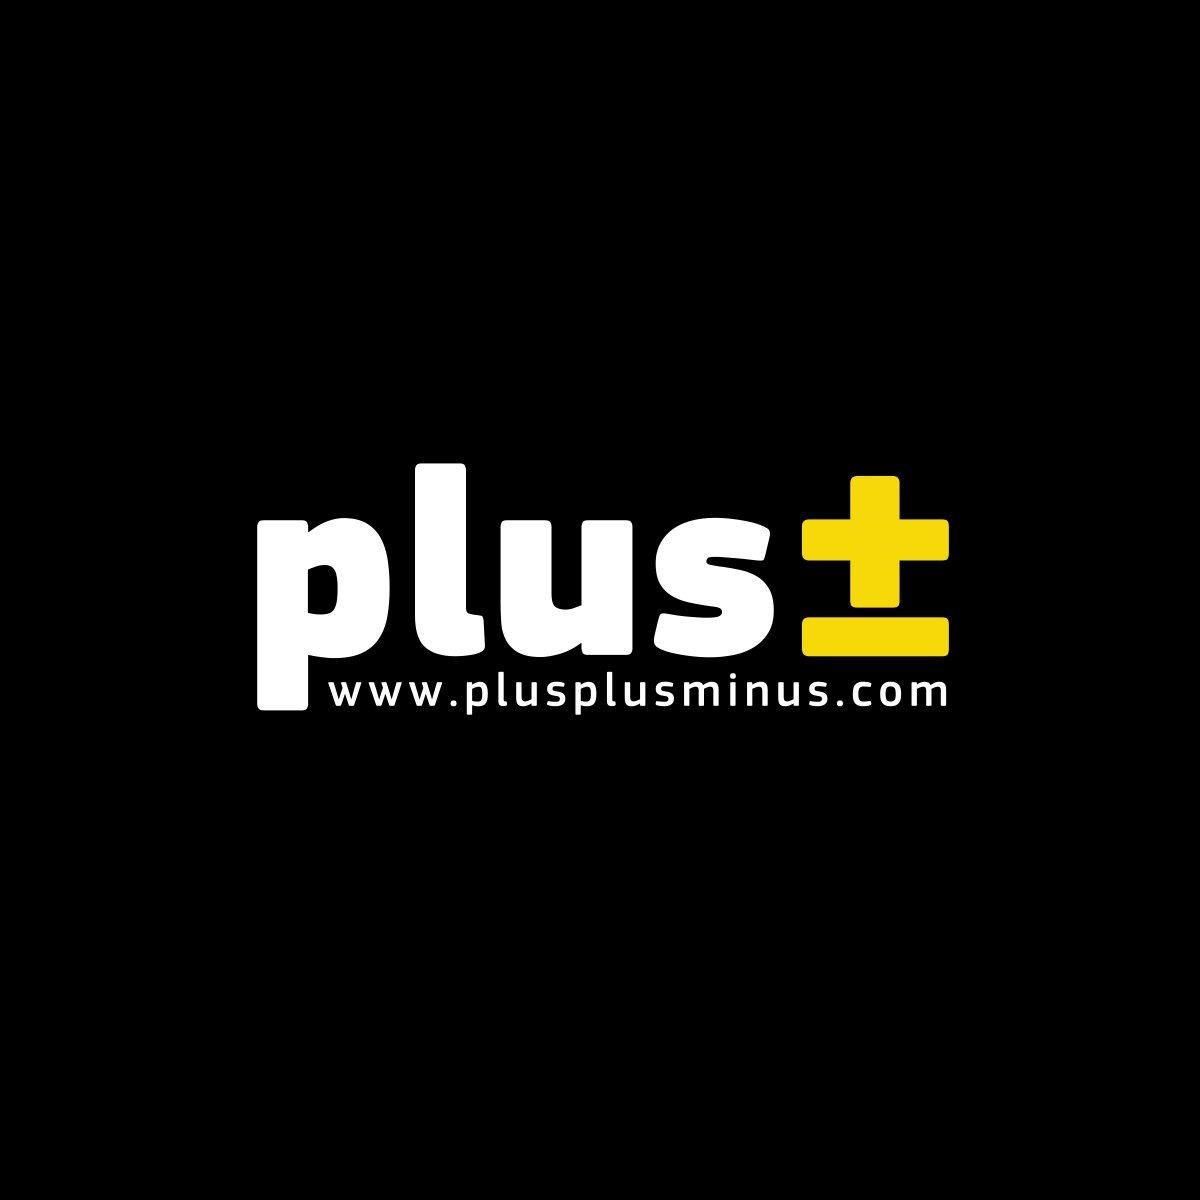 Plus Plus Minus Logo